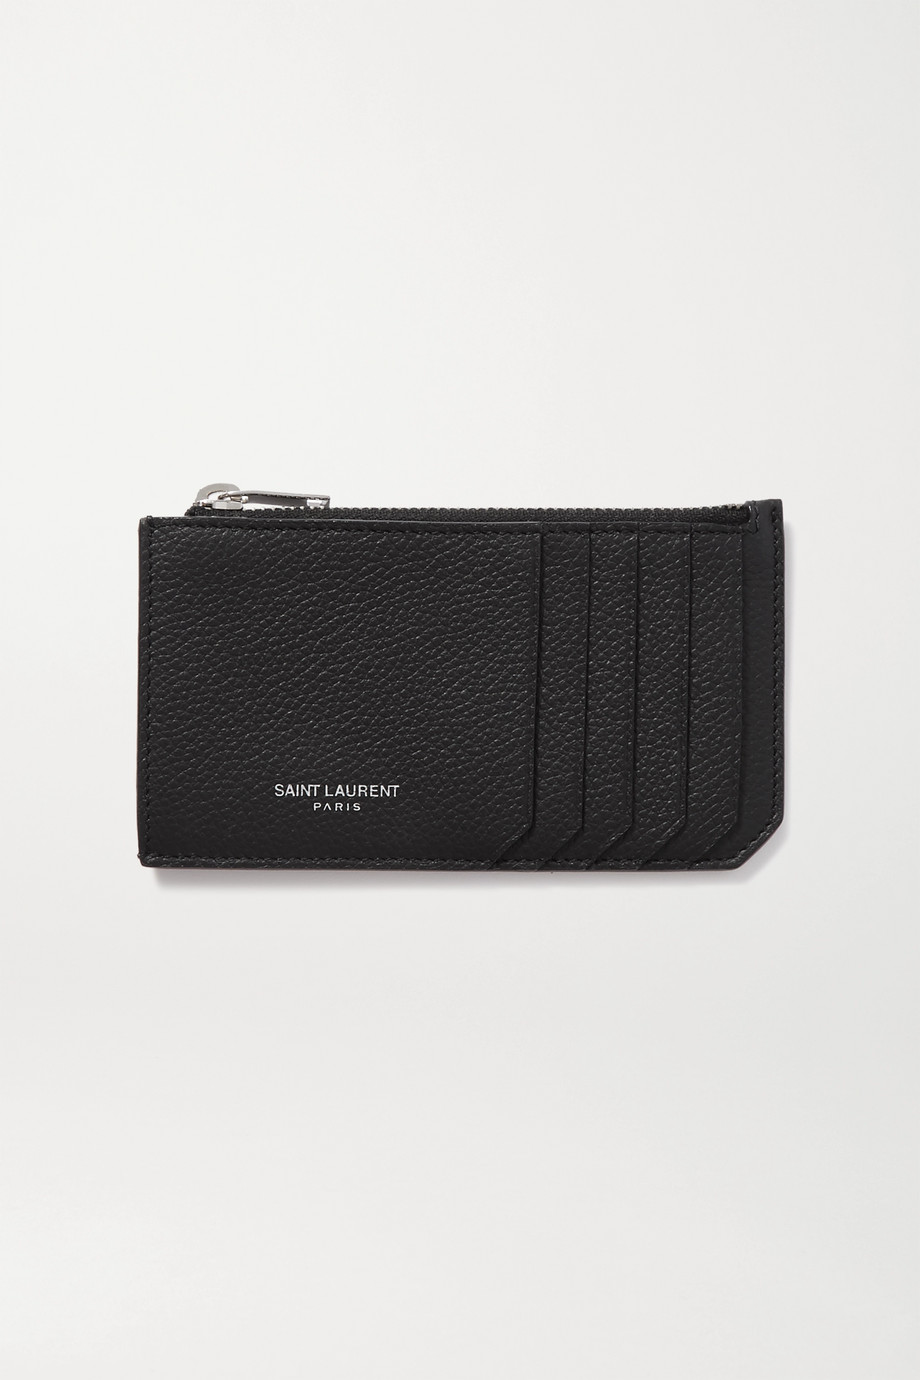 SAINT LAURENT Porte-cartes en cuir texturé